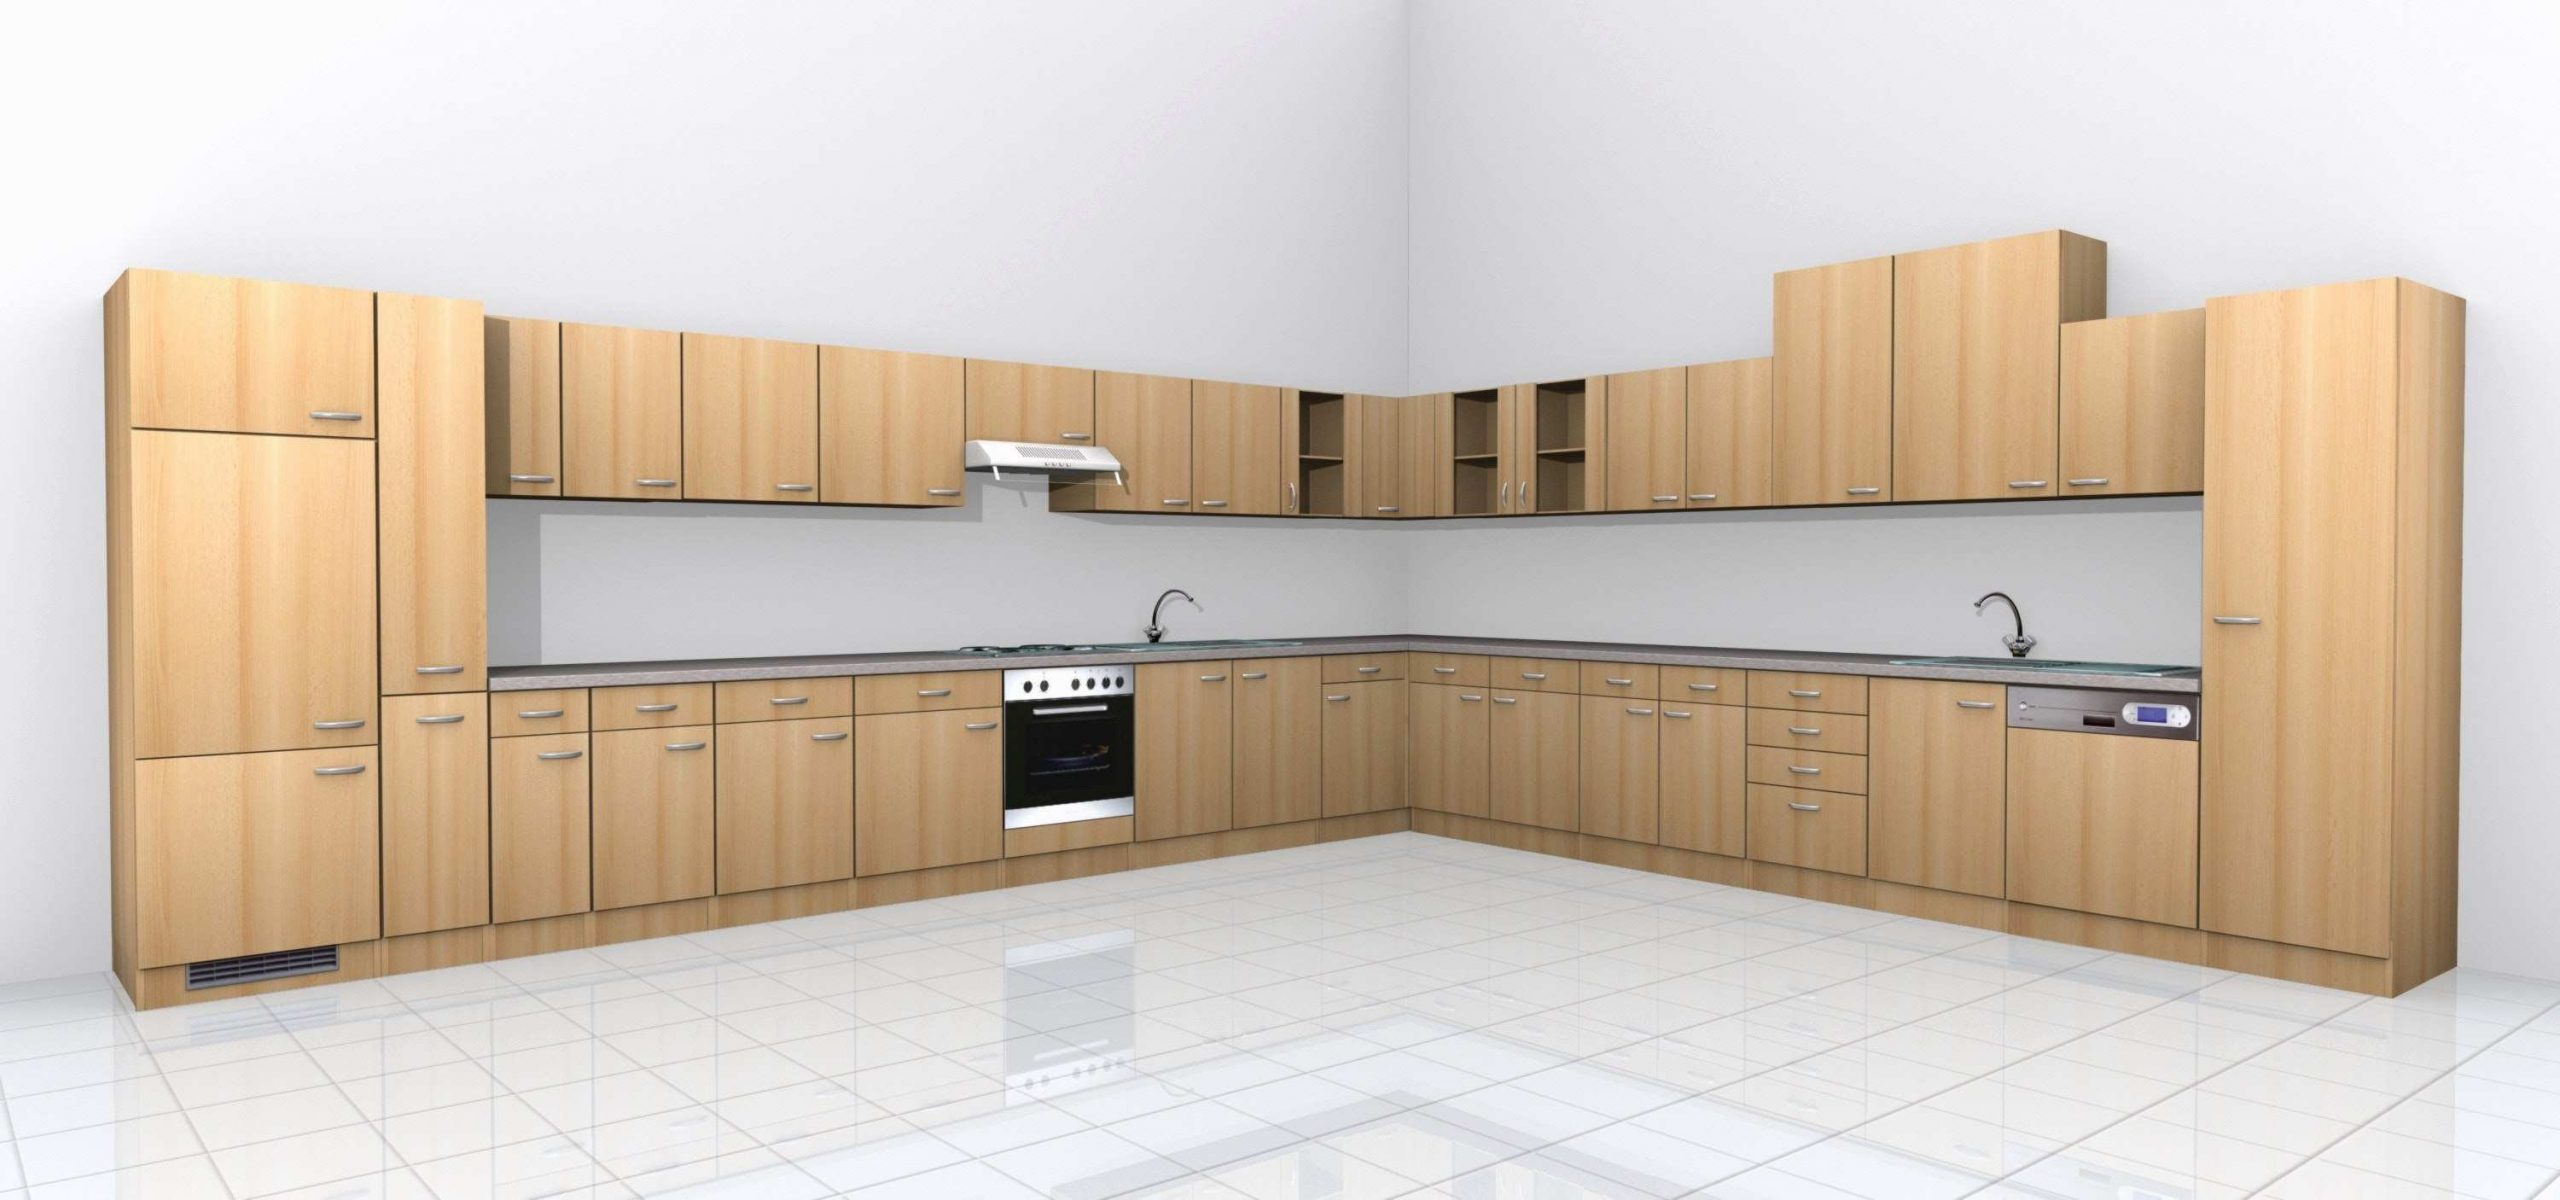 Full Size of Küchen Arbeitsplatte Sonoma Eiche Wunderbar Ehrfürchtige Inspiration Hochschrank Küche Poco Und Fabelhafte Küche Küche Sonoma Eiche